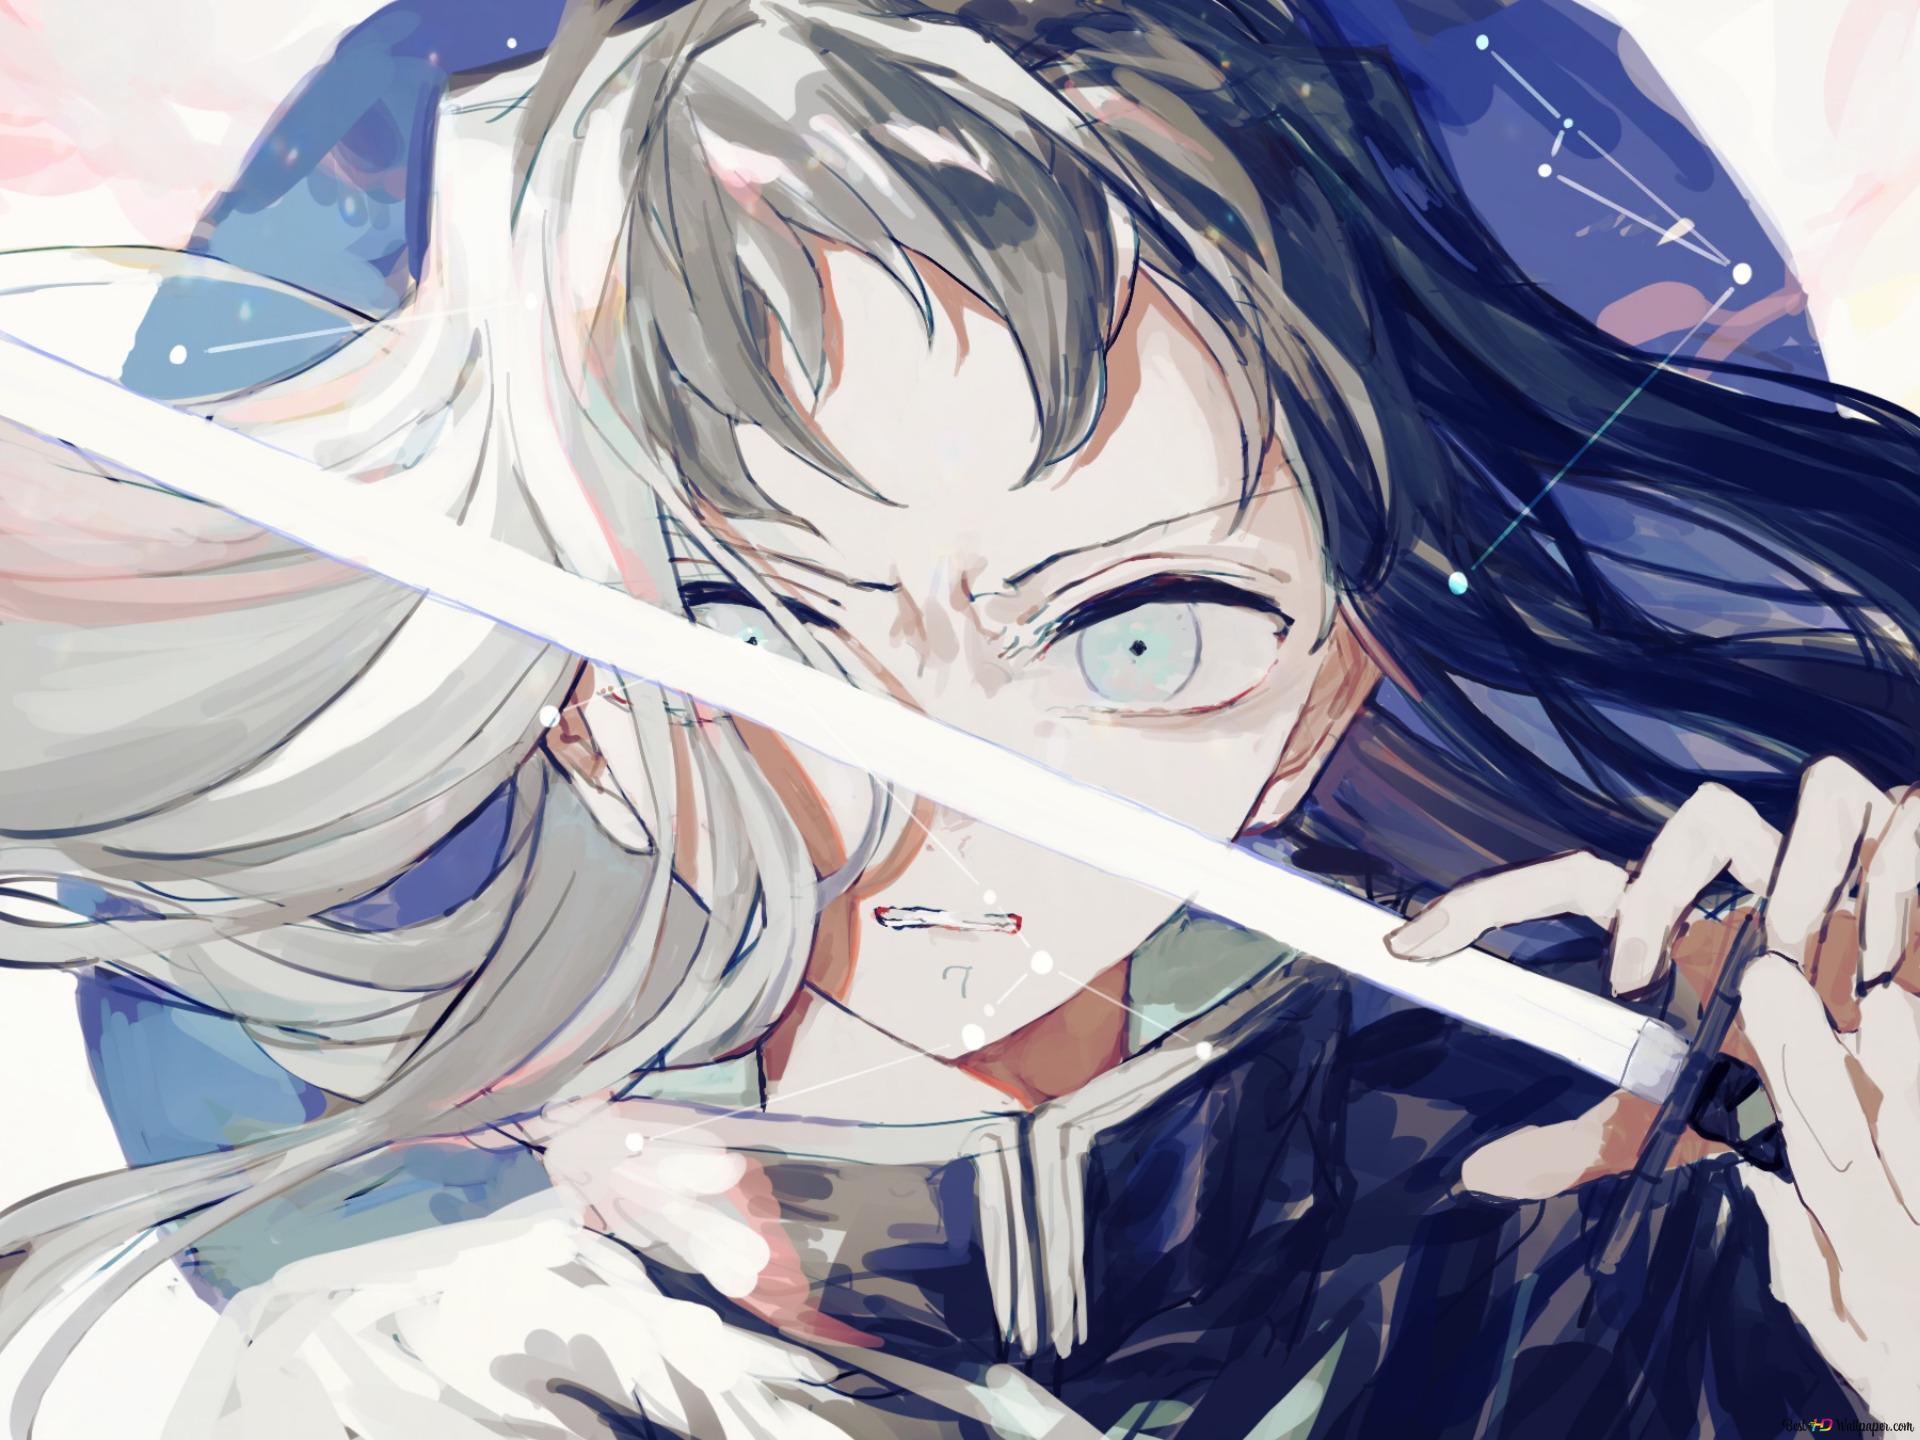 Demon Slayer : Kimetsu No Yaiba Anime HD wallpaper download